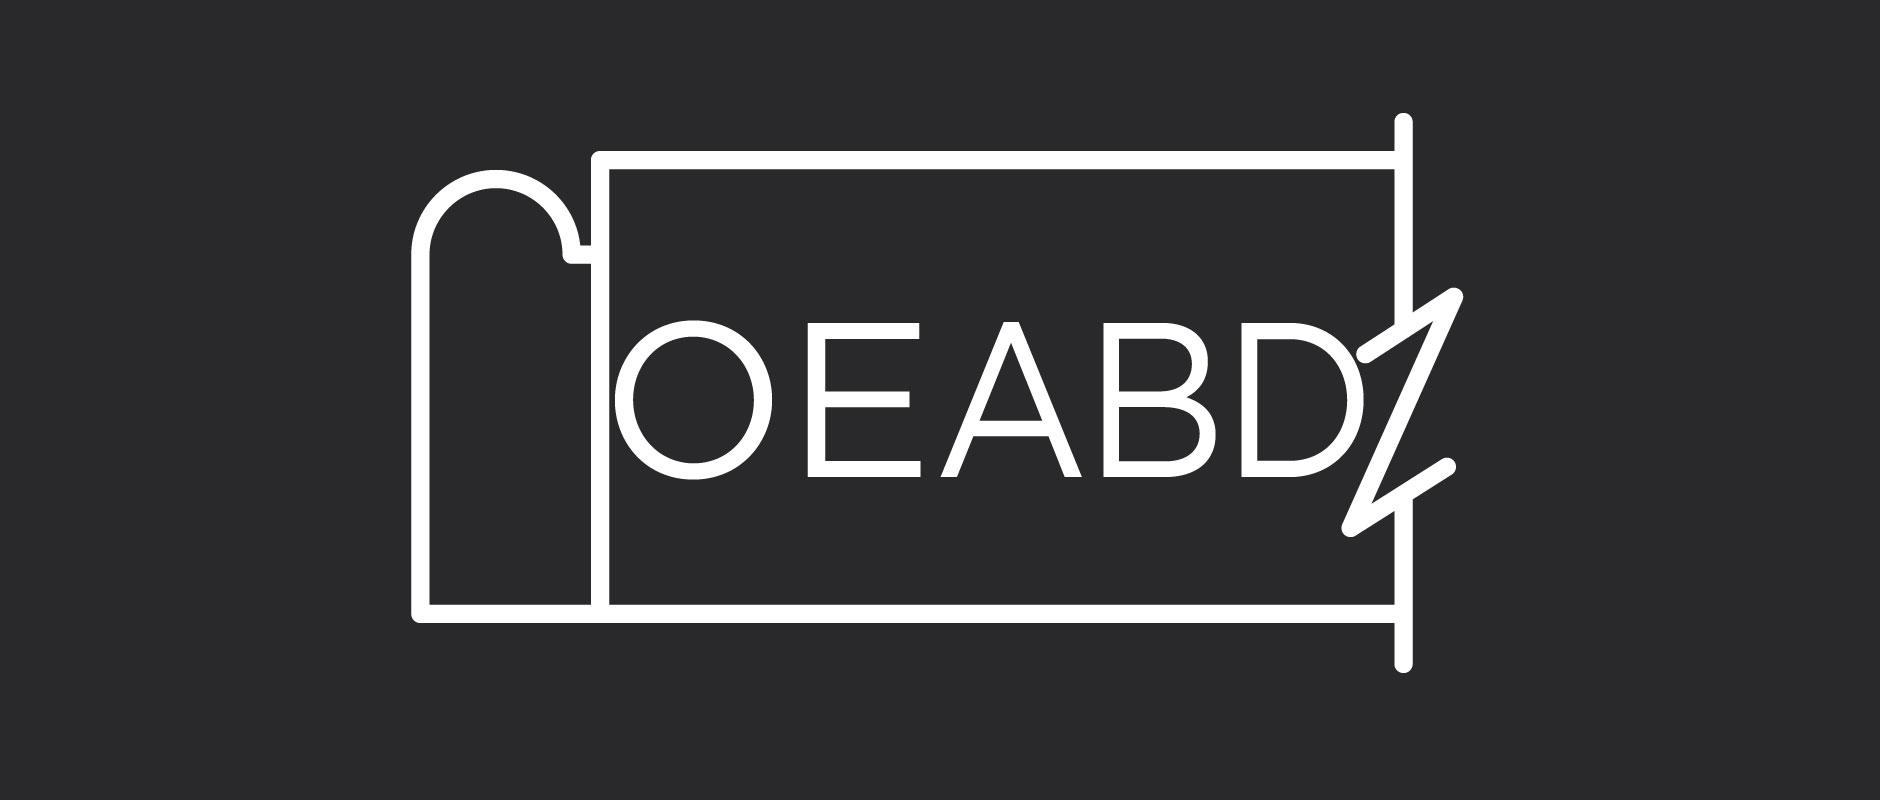 OEABD beaded outside edge profile